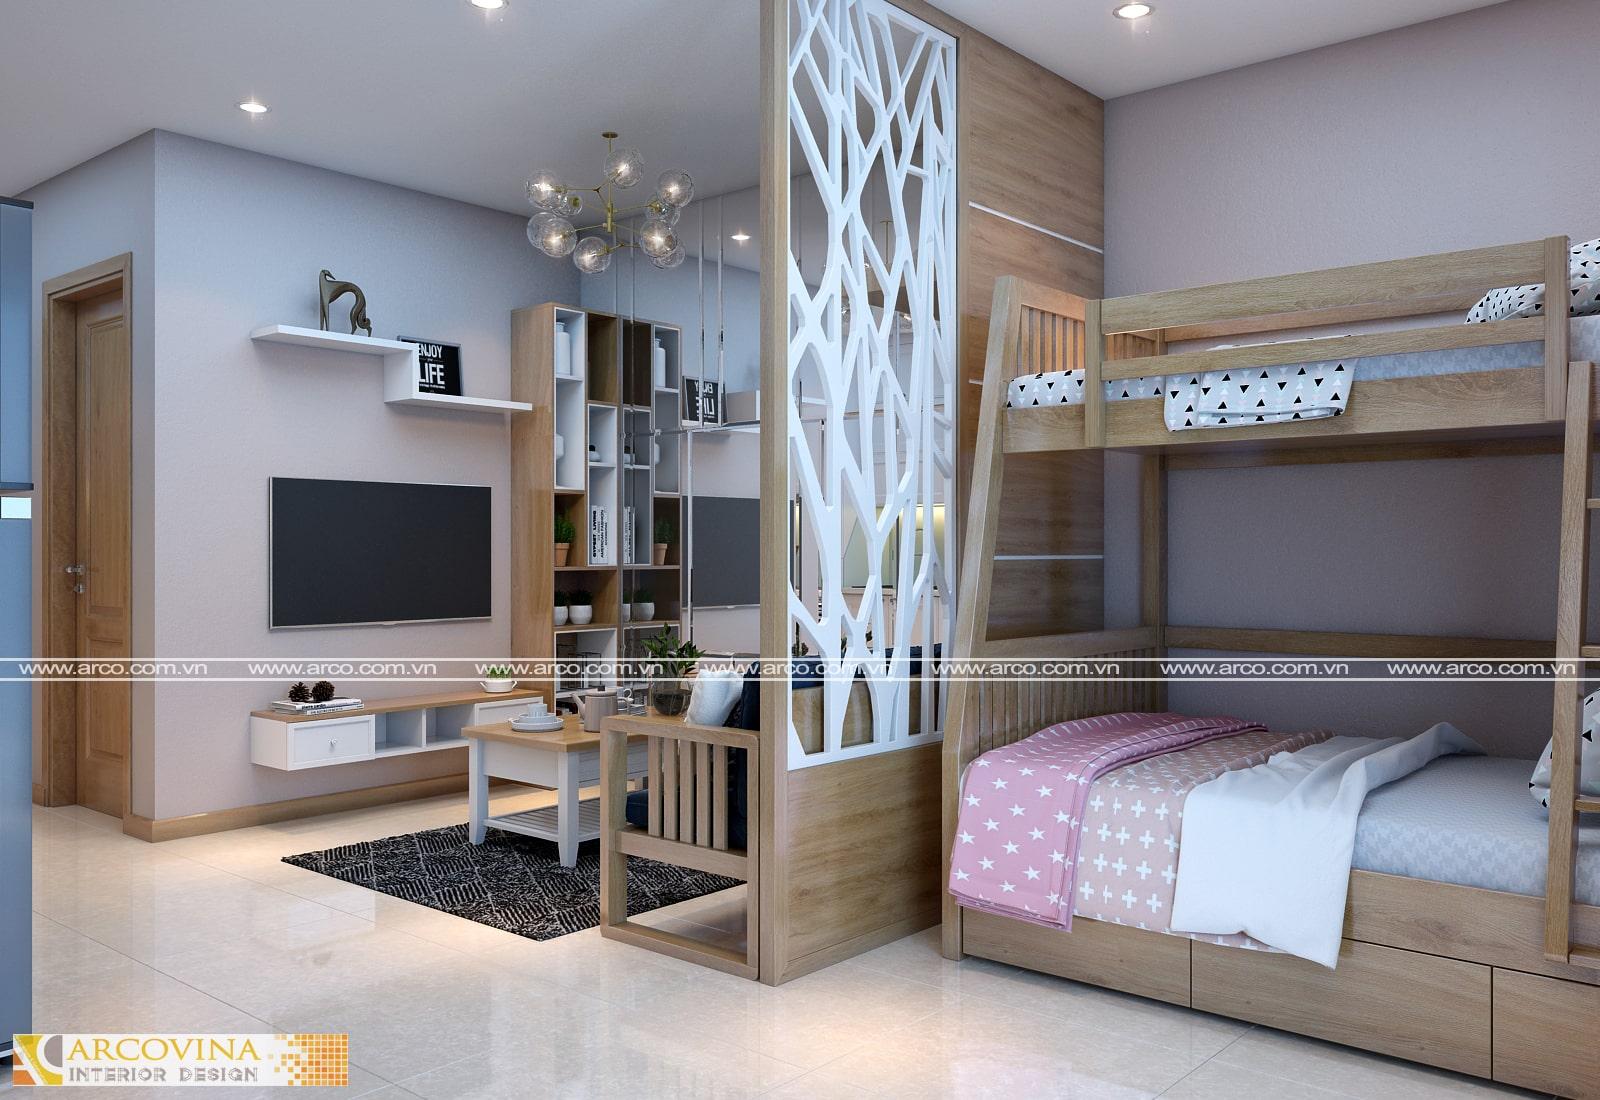 Thiết kế nội thất căn hộ D' Capitale Trần Duy Hưng- A.Hiếu